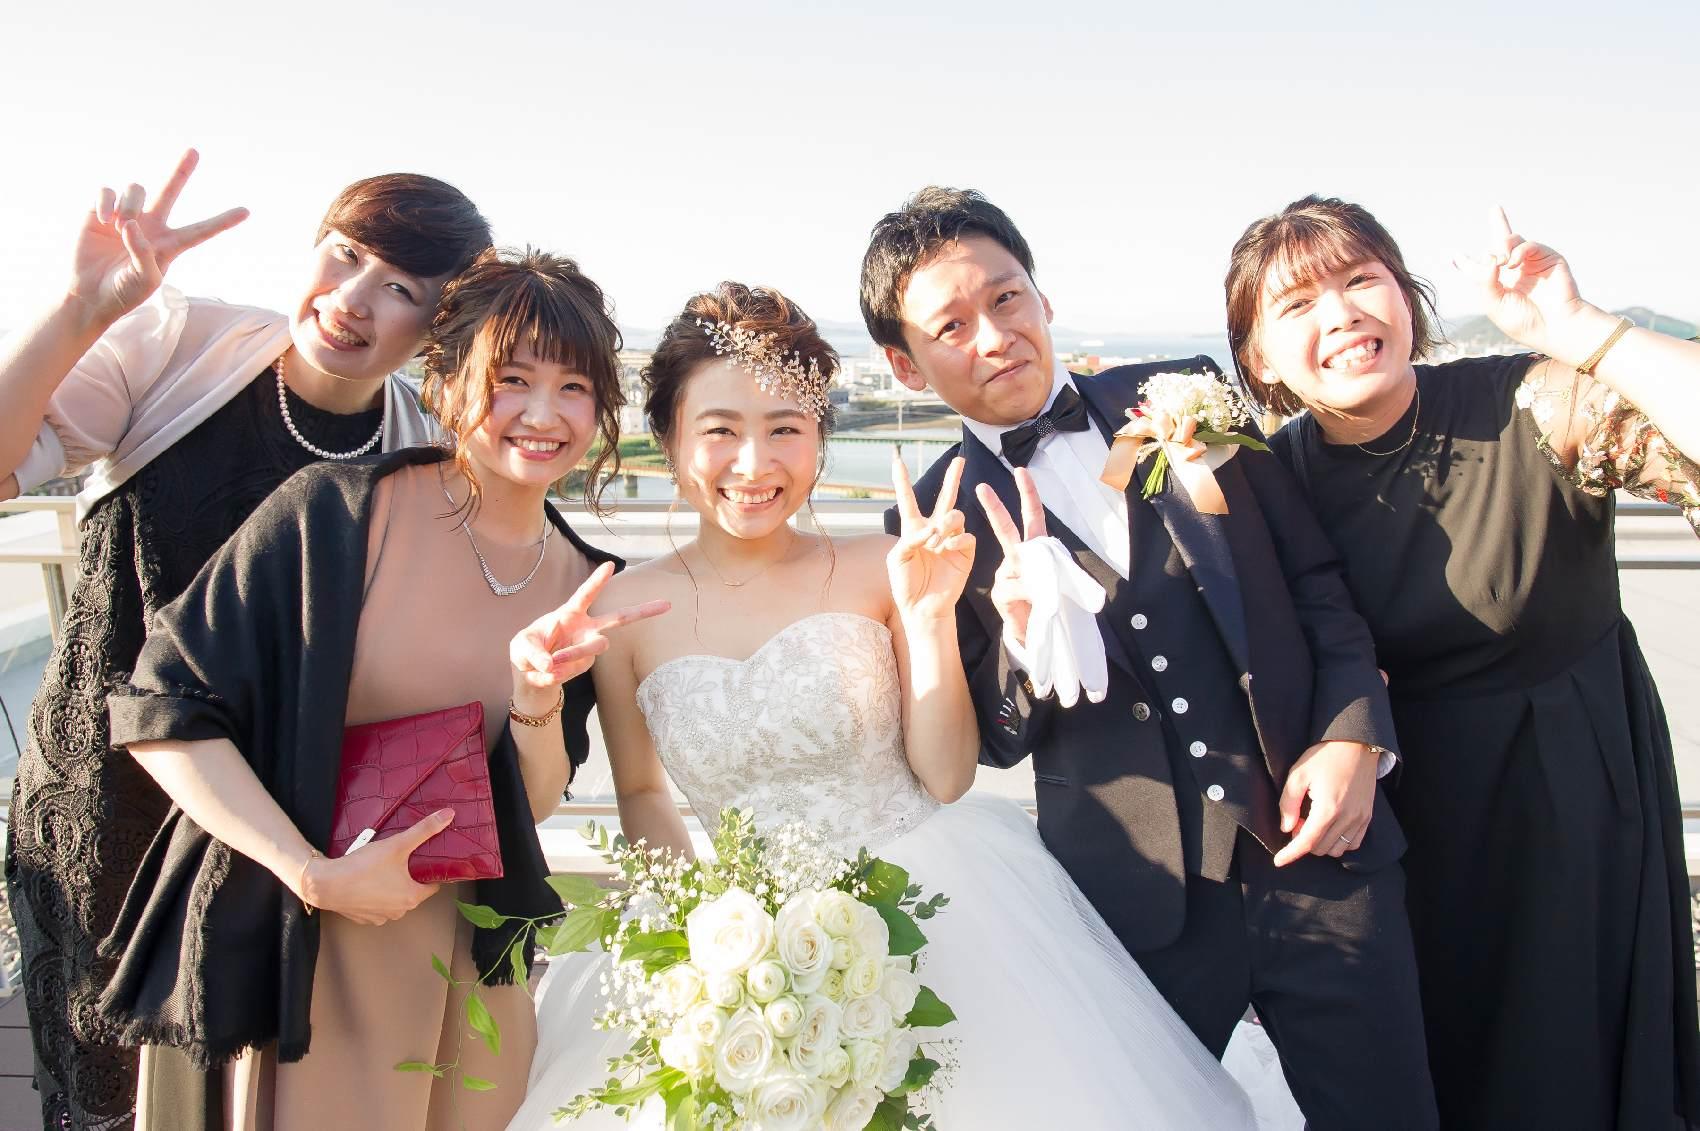 香川県高松市の結婚式場アナザースタイルのアフターセレモニーで友人との写真